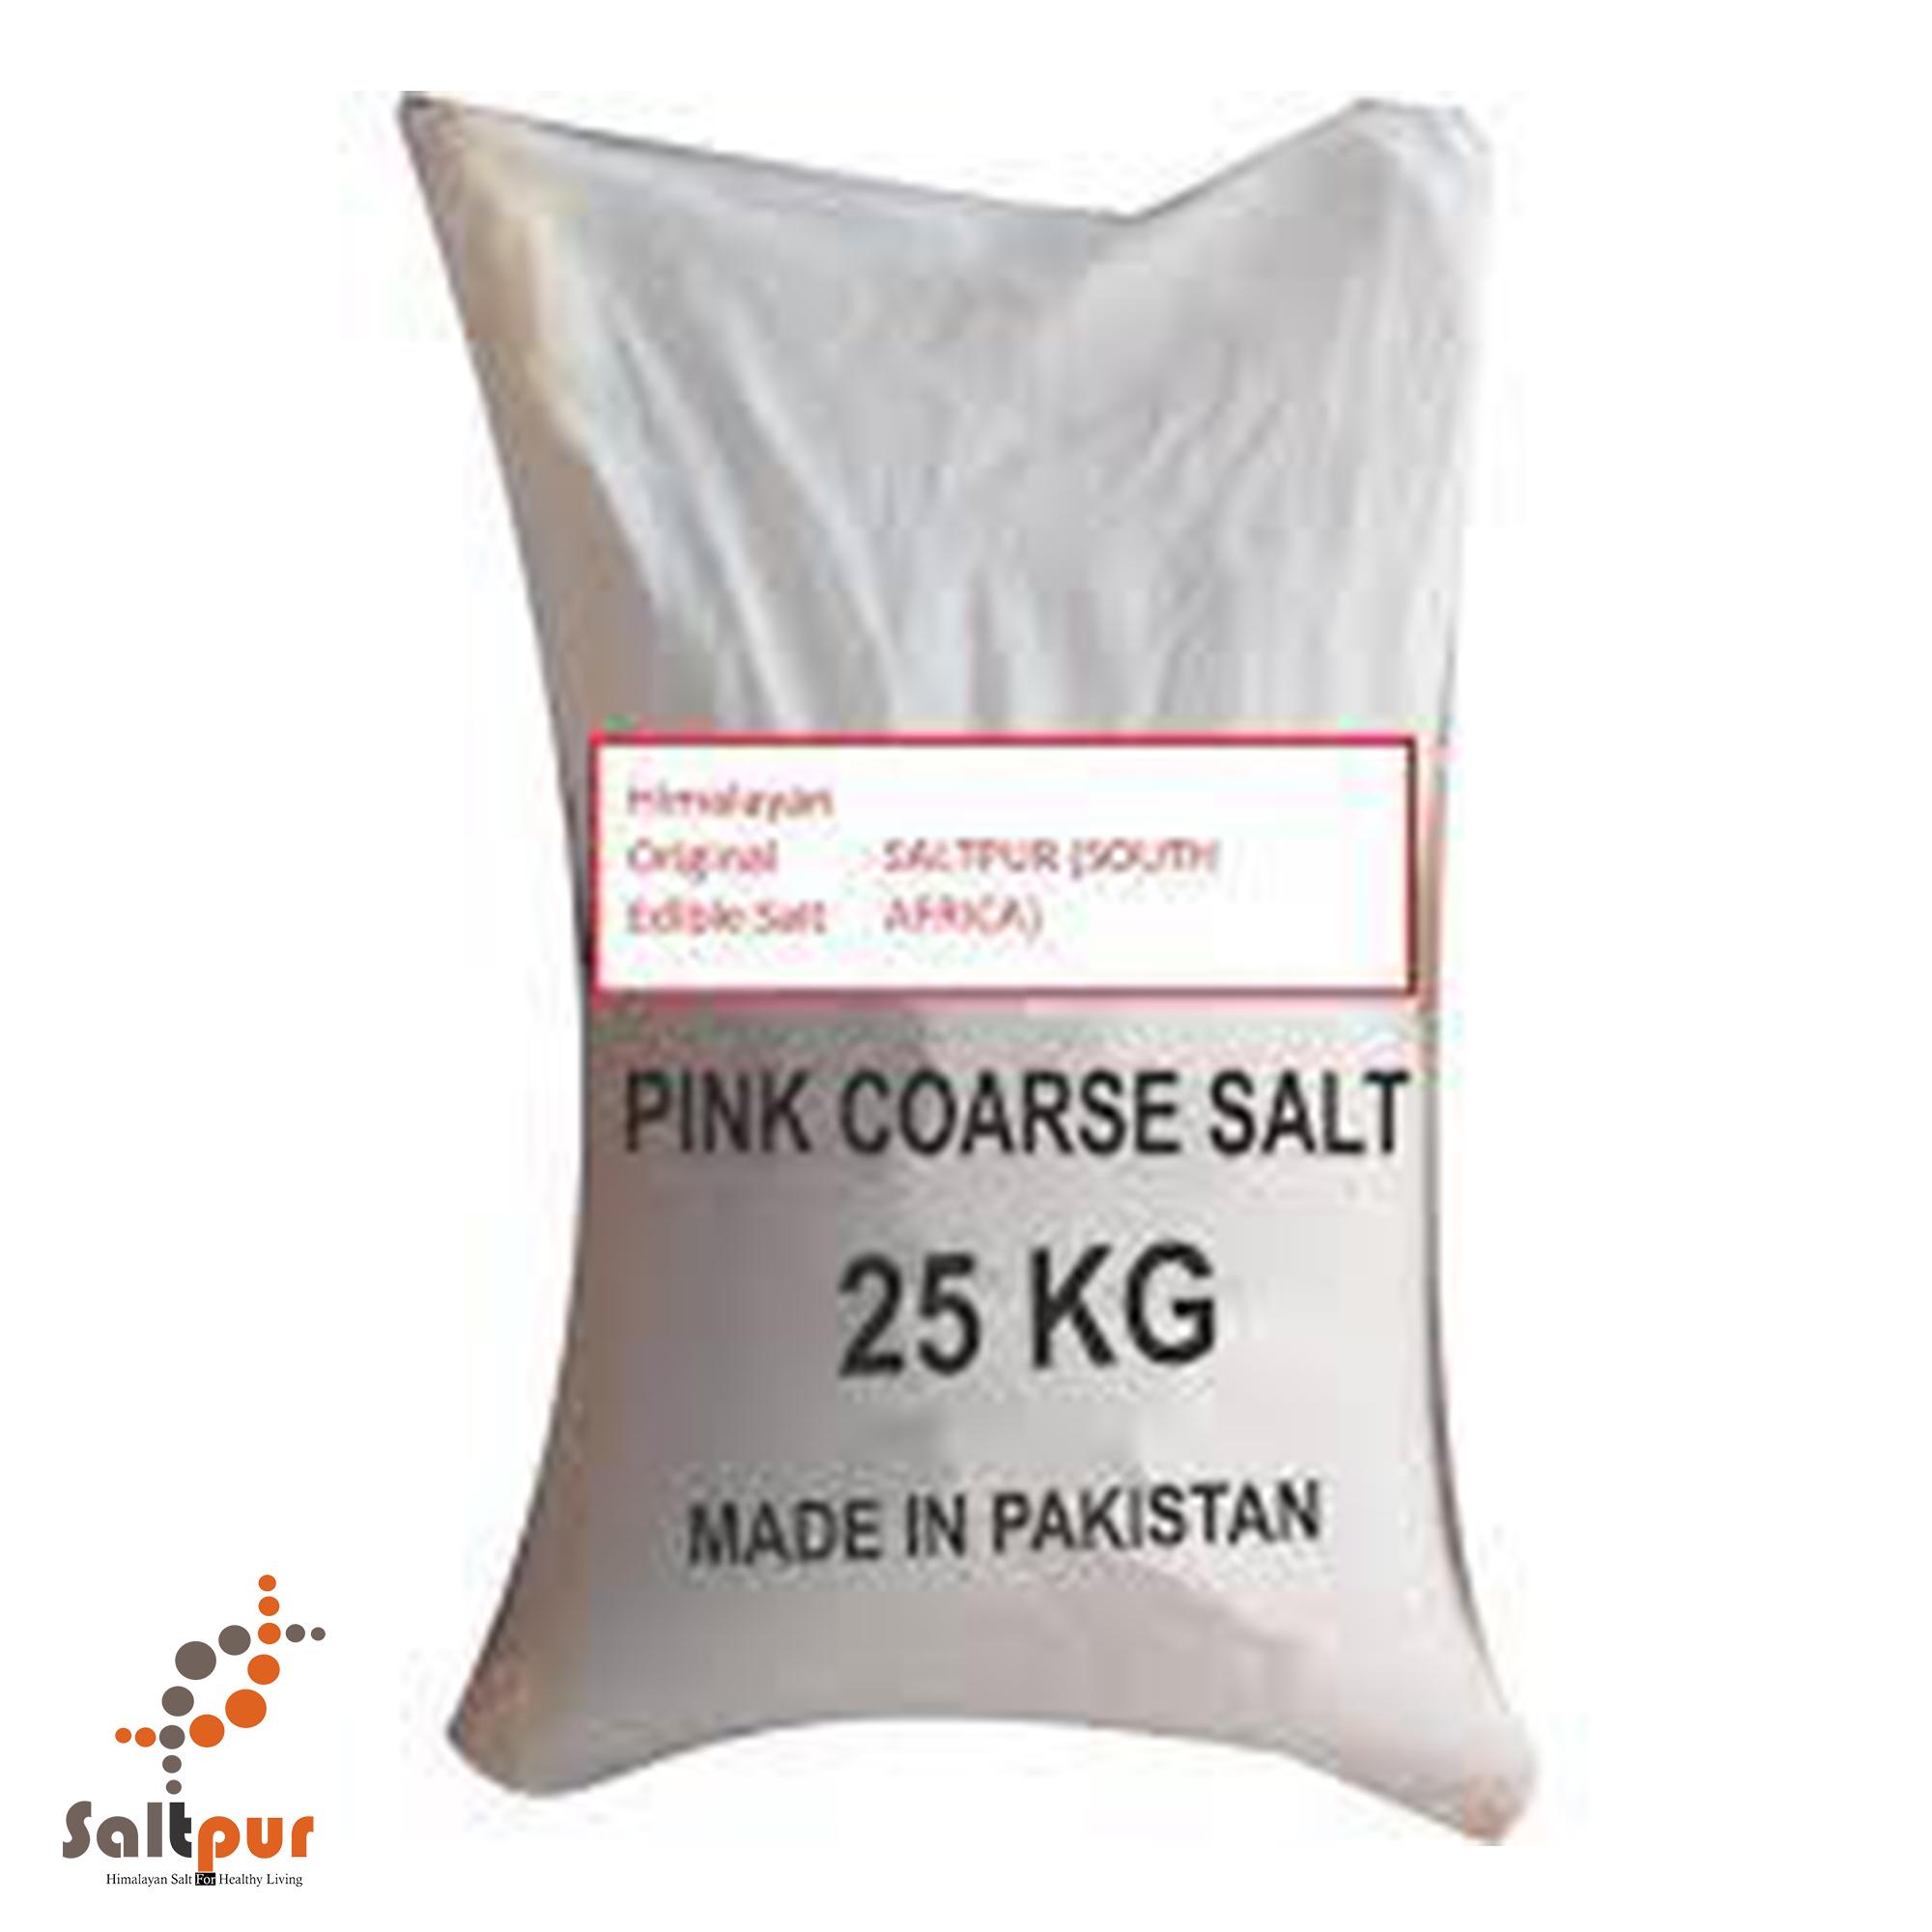 1 white background 1 3 - Saltpur Himalayan Salts